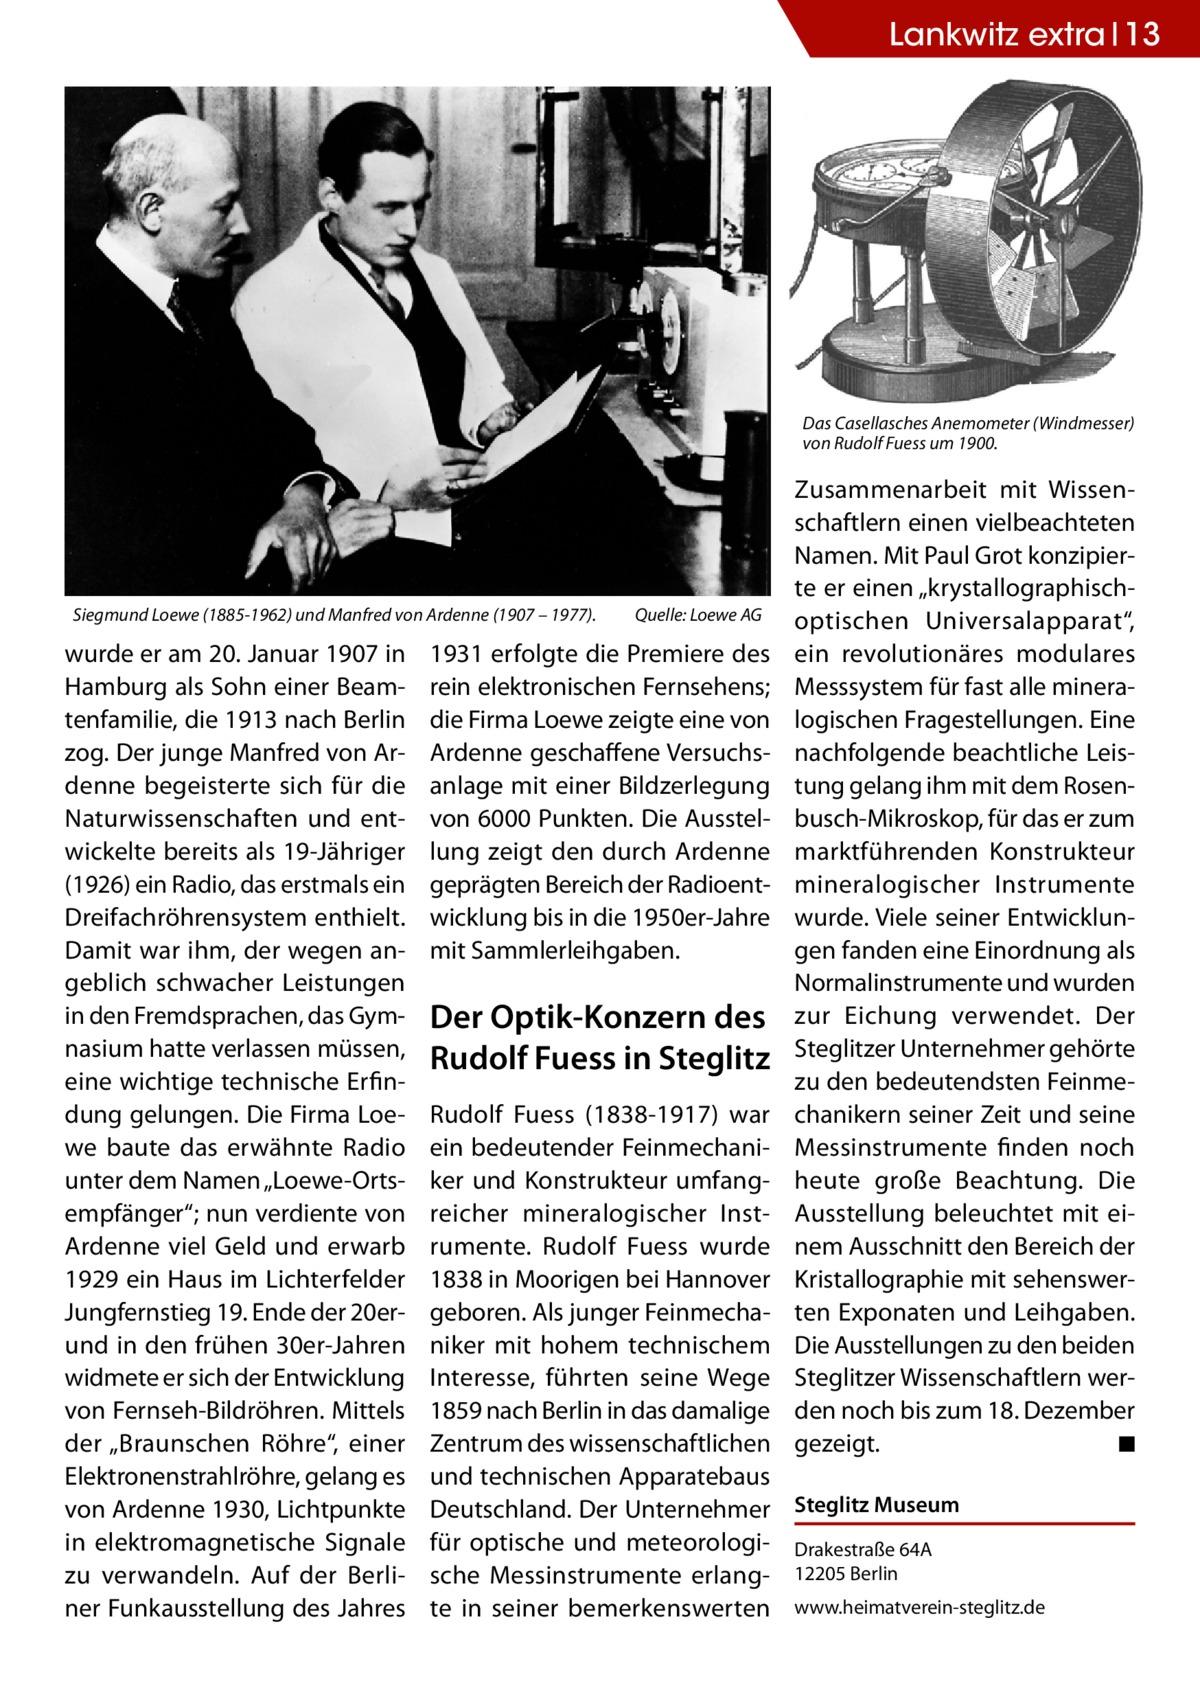 """Lankwitz extra 13  Das Casellasches Anemometer (Windmesser) von Rudolf Fuess um 1900.  Siegmund Loewe (1885-1962) und Manfred von Ardenne (1907 – 1977).�  wurde er am 20.Januar 1907 in Hamburg als Sohn einer Beamtenfamilie, die 1913 nach Berlin zog. Der junge Manfred von Ardenne begeisterte sich für die Naturwissenschaften und entwickelte bereits als 19-Jähriger (1926) ein Radio, das erstmals ein Dreifachröhrensystem enthielt. Damit war ihm, der wegen angeblich schwacher Leistungen in den Fremdsprachen, das Gymnasium hatte verlassen müssen, eine wichtige technische Erfindung gelungen. Die Firma Loewe baute das erwähnte Radio unter dem Namen """"Loewe-Ortsempfänger""""; nun verdiente von Ardenne viel Geld und erwarb 1929 ein Haus im Lichterfelder Jungfernstieg 19. Ende der 20erund in den frühen 30er-Jahren widmete er sich der Entwicklung von Fernseh-Bildröhren. Mittels der """"Braunschen Röhre"""", einer Elektronenstrahlröhre, gelang es von Ardenne 1930, Lichtpunkte in elektromagnetische Signale zu verwandeln. Auf der Berliner Funkausstellung des Jahres  Quelle: Loewe AG  1931 erfolgte die Premiere des rein elektronischen Fernsehens; die Firma Loewe zeigte eine von Ardenne geschaffene Versuchsanlage mit einer Bildzerlegung von 6000 Punkten. Die Ausstellung zeigt den durch Ardenne geprägten Bereich der Radioentwicklung bis in die 1950er-Jahre mit Sammlerleihgaben.  Der Optik-Konzern des Rudolf Fuess in Steglitz  Zusammenarbeit mit Wissenschaftlern einen vielbeachteten Namen. Mit Paul Grot konzipierte er einen """"krystallographischoptischen Universalapparat"""", ein revolutionäres modulares Messsystem für fast alle mineralogischen Fragestellungen. Eine nachfolgende beachtliche Leistung gelang ihm mit dem Rosenbusch-Mikroskop, für das er zum marktführenden Konstrukteur mineralogischer Instrumente wurde. Viele seiner Entwicklungen fanden eine Einordnung als Normalinstrumente und wurden zur Eichung verwendet. Der Steglitzer Unternehmer gehörte zu den bedeutendsten Feinmechanikern seiner Z"""